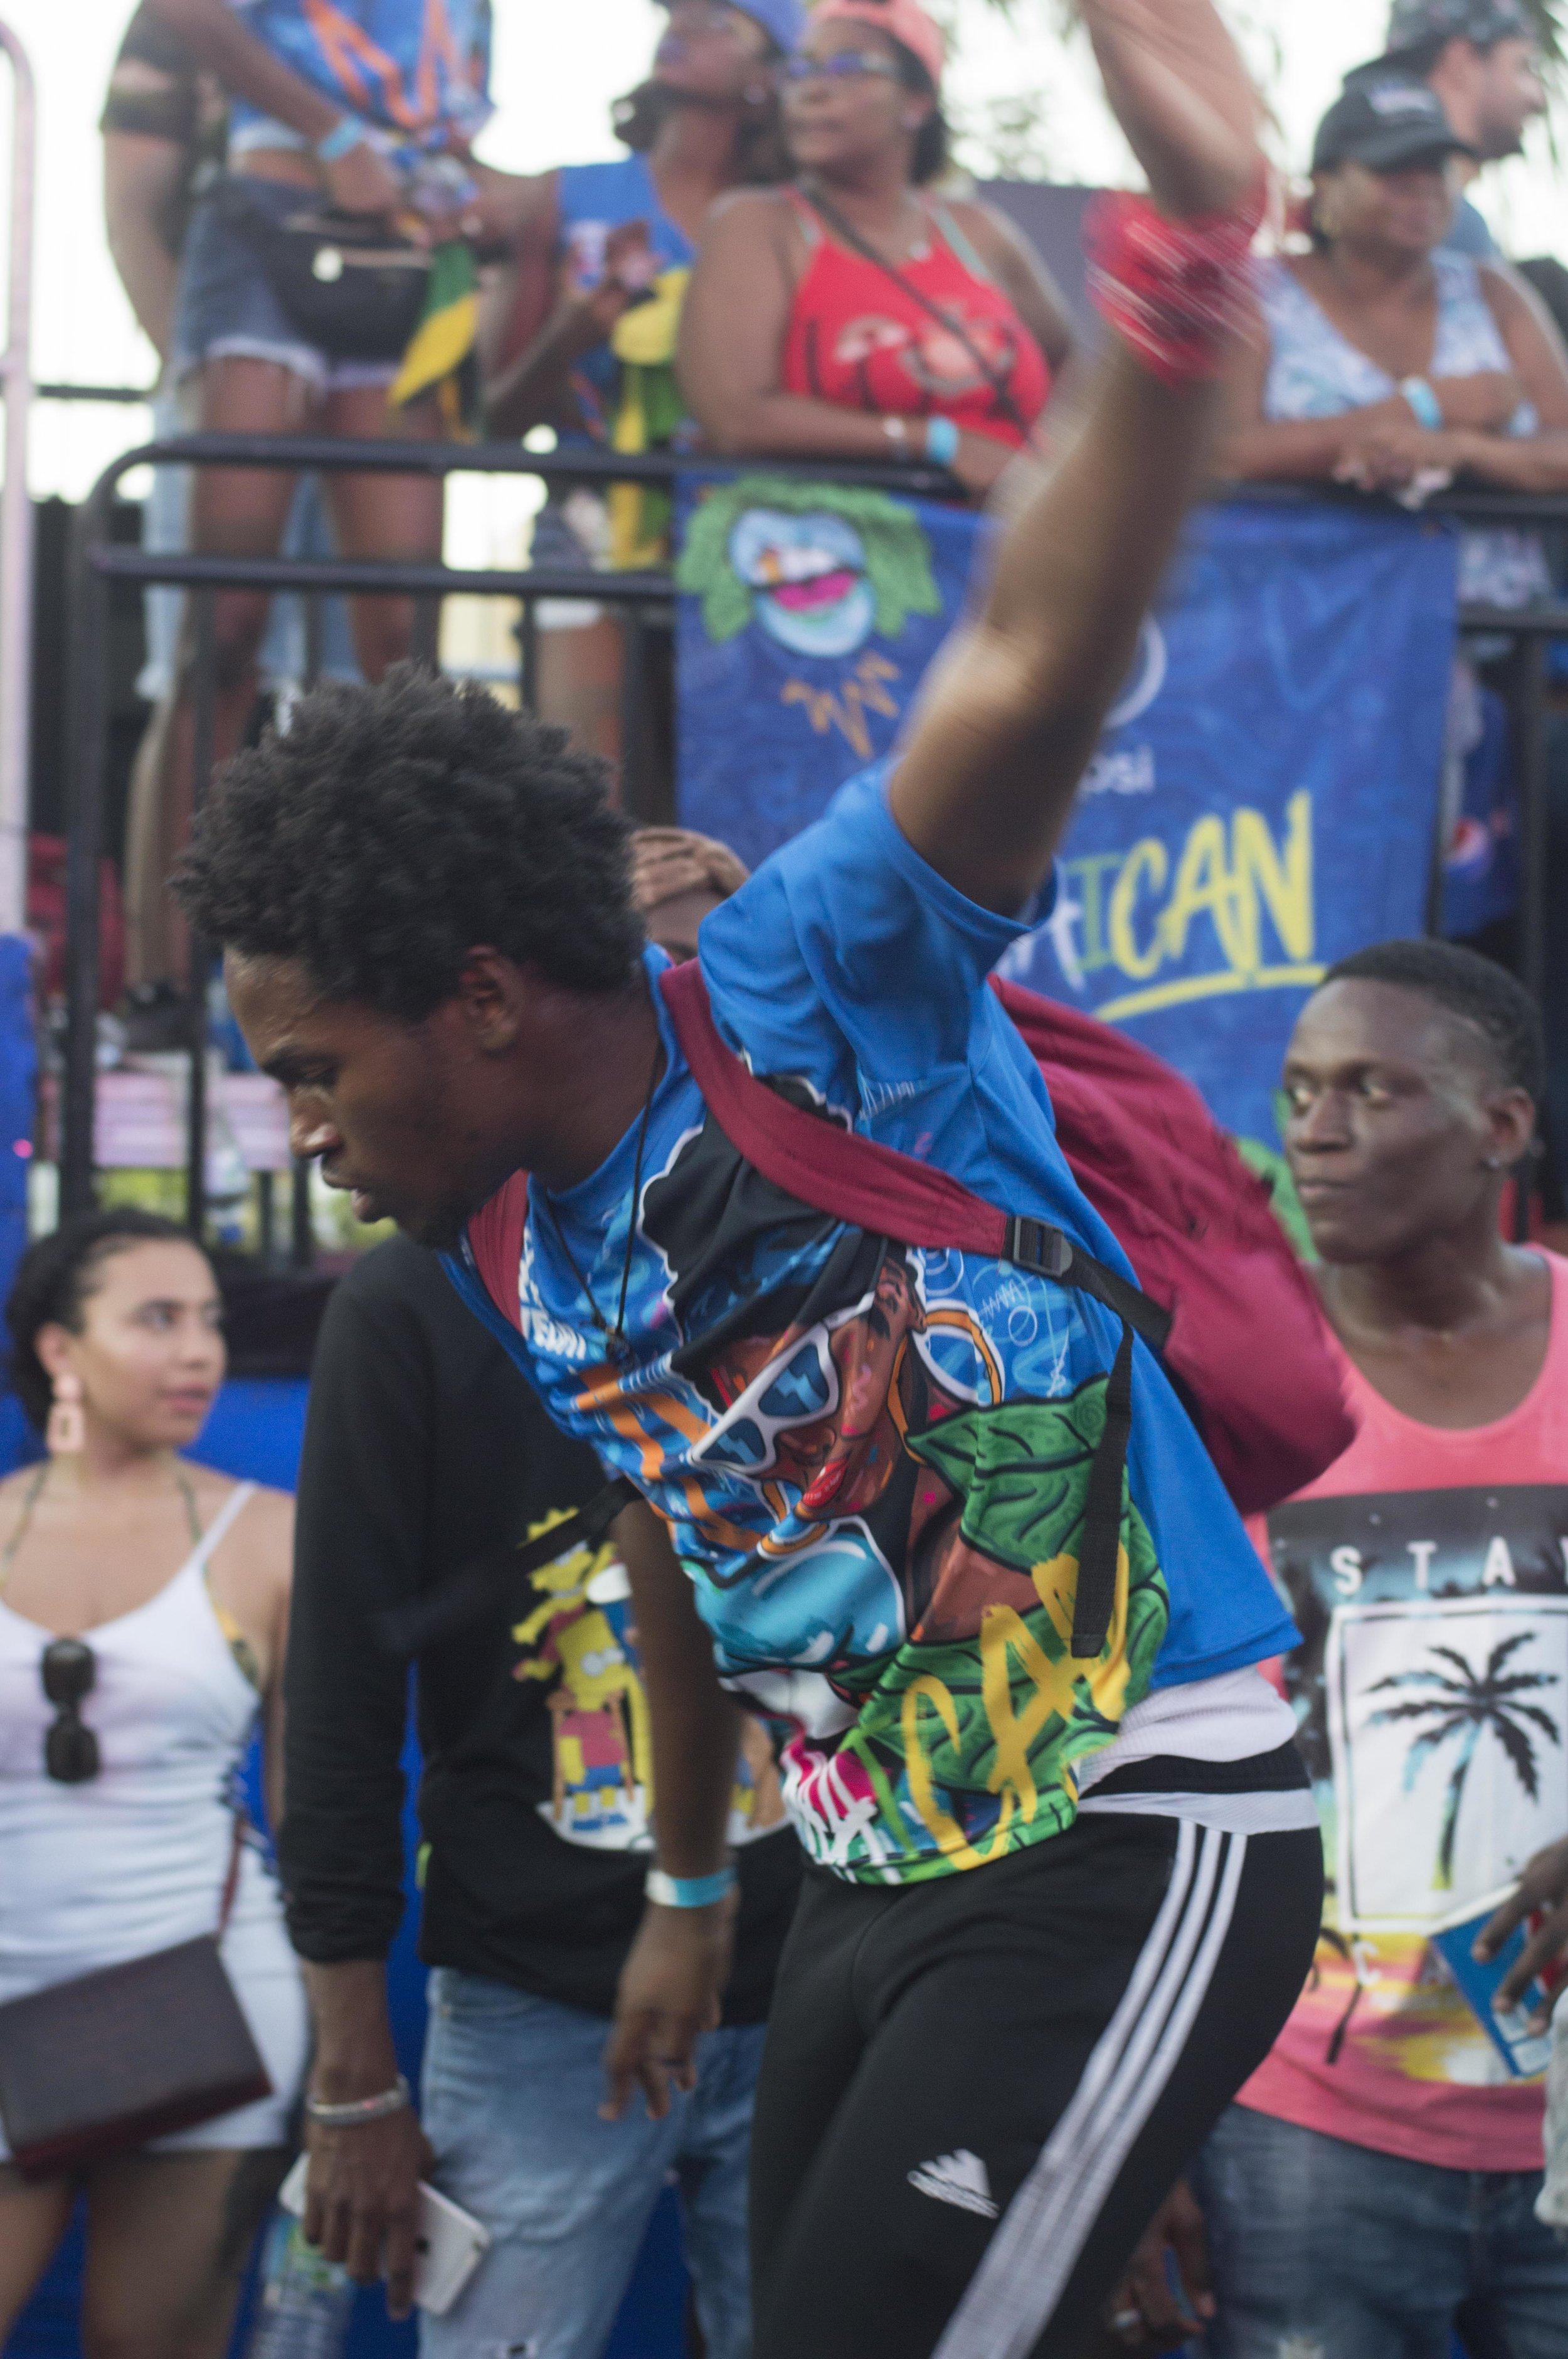 carnival2019_jeanalindo-88.jpg